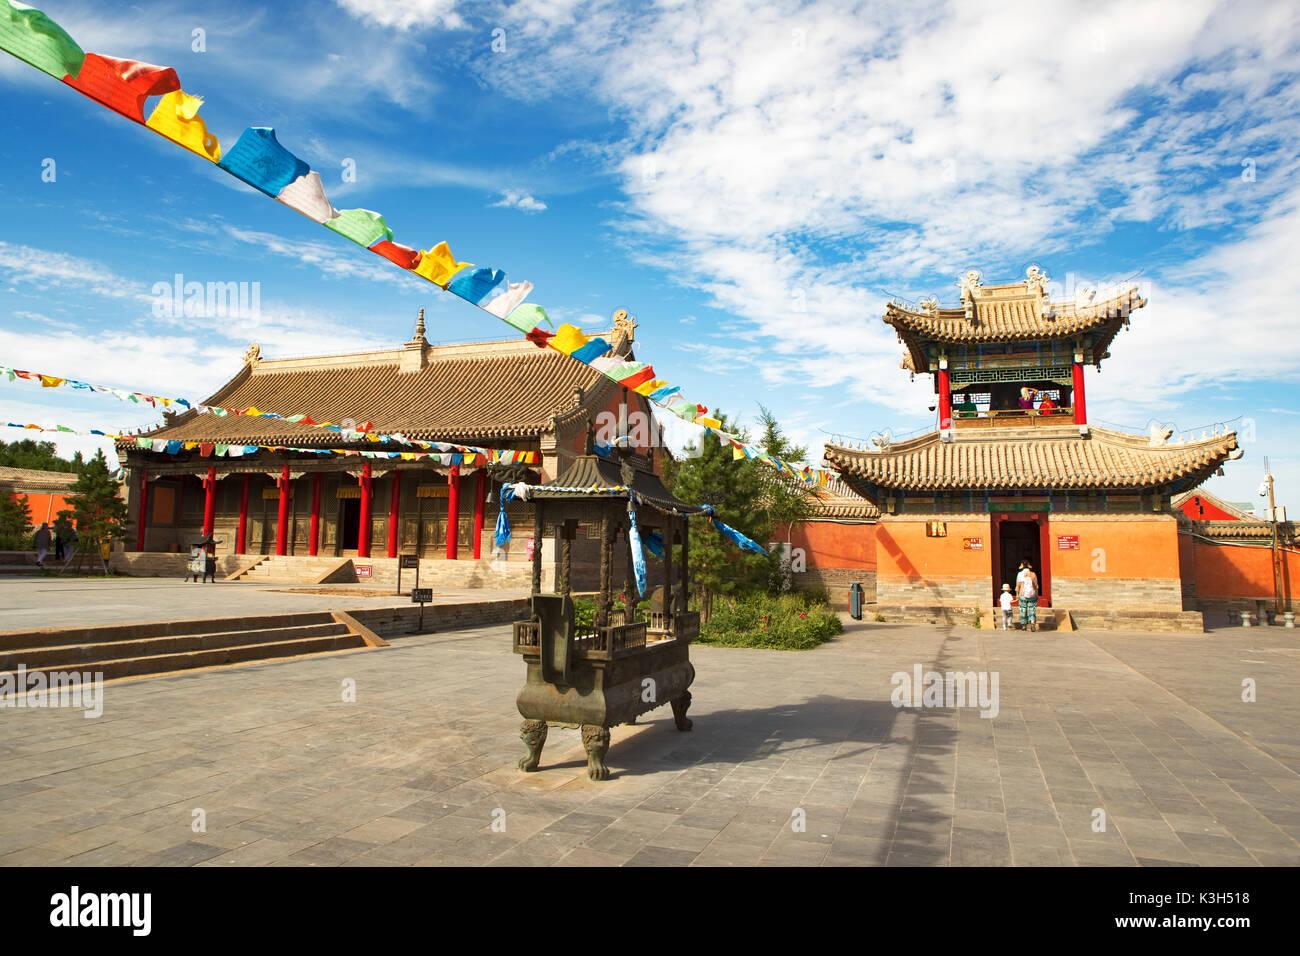 Xilinhot, Mongolia interna, Cina-luglio 23, 2017: beizi tempio è uno dei più grandi lamaseries nella Mongolia interna. Immagini Stock